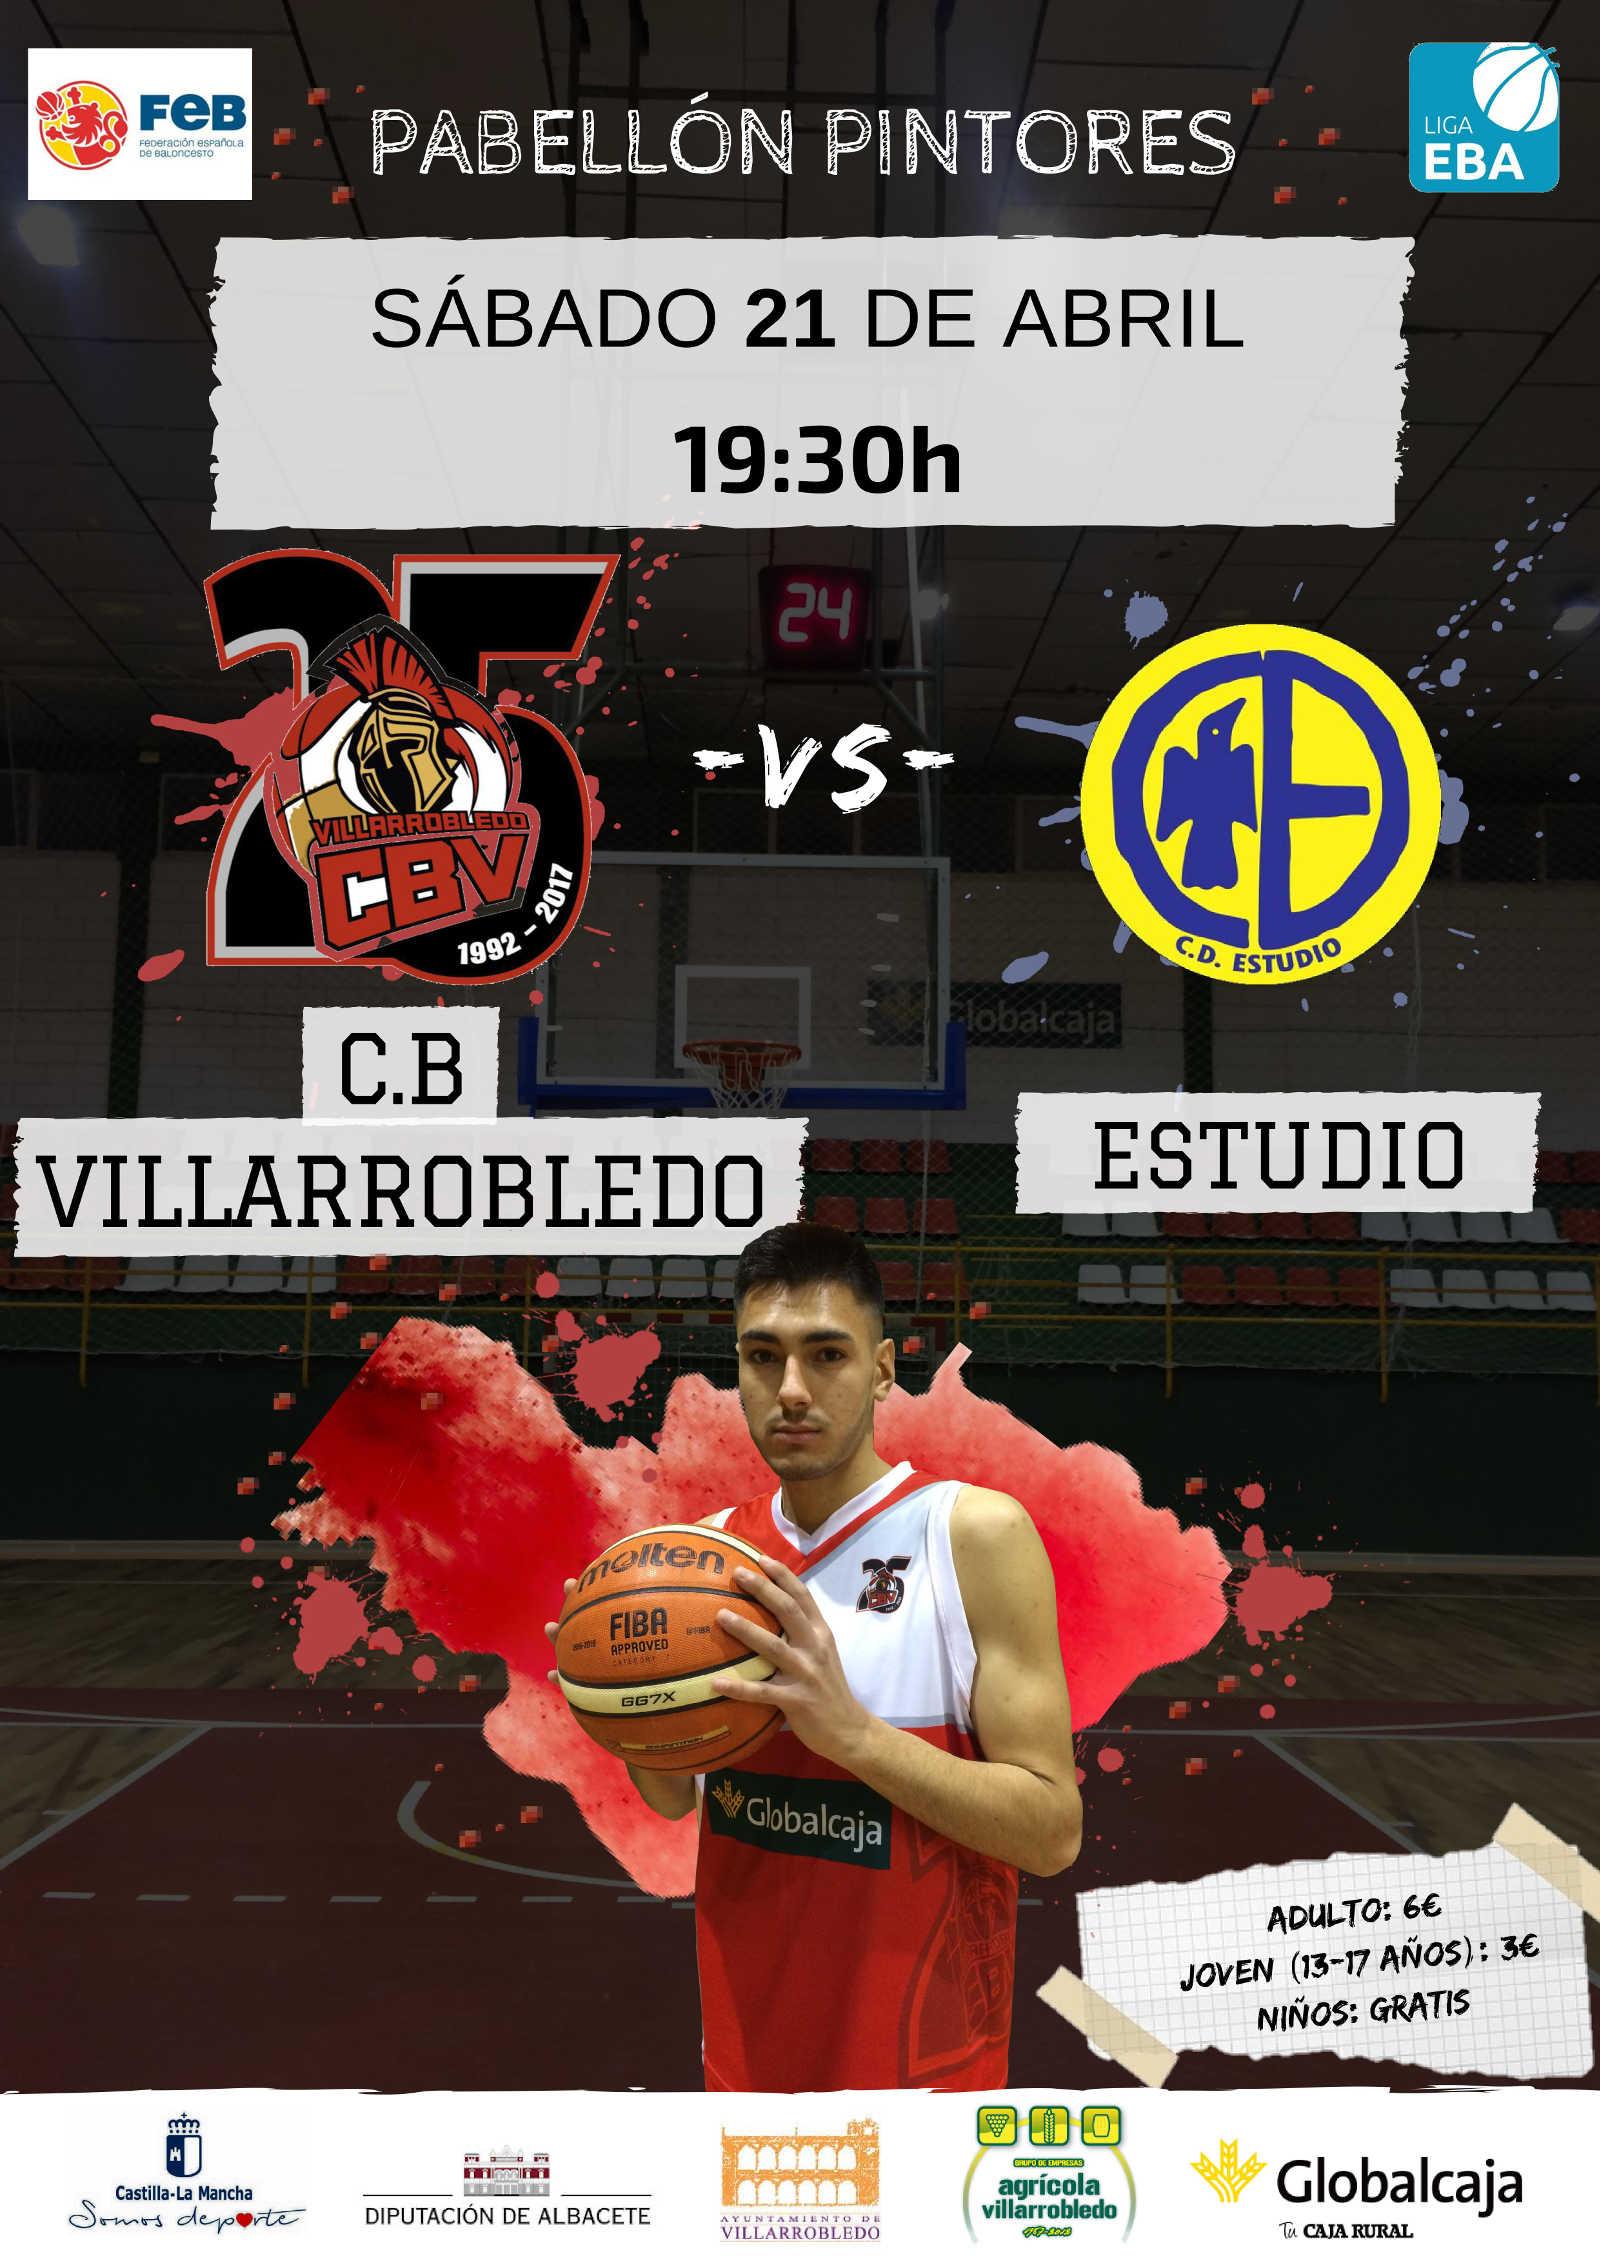 Cartel CB Villarrobledo vs CD Estudio